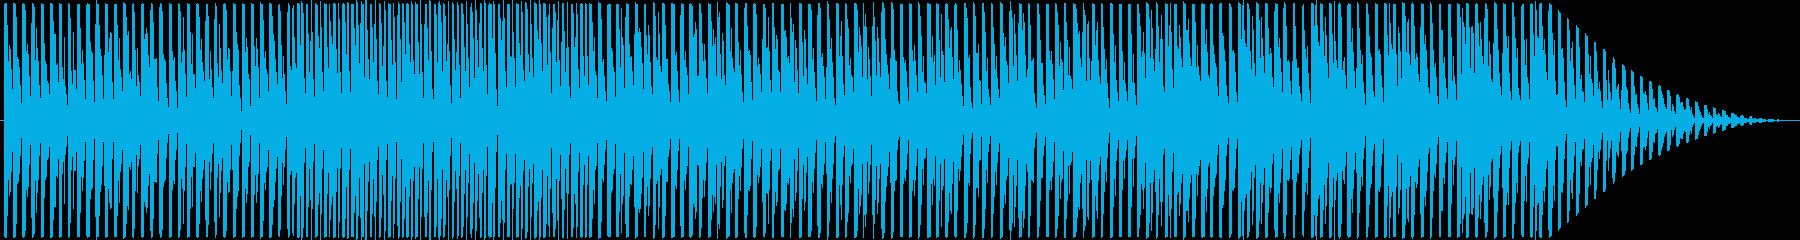 散歩したくなるようなほのぼのしたBGMの再生済みの波形